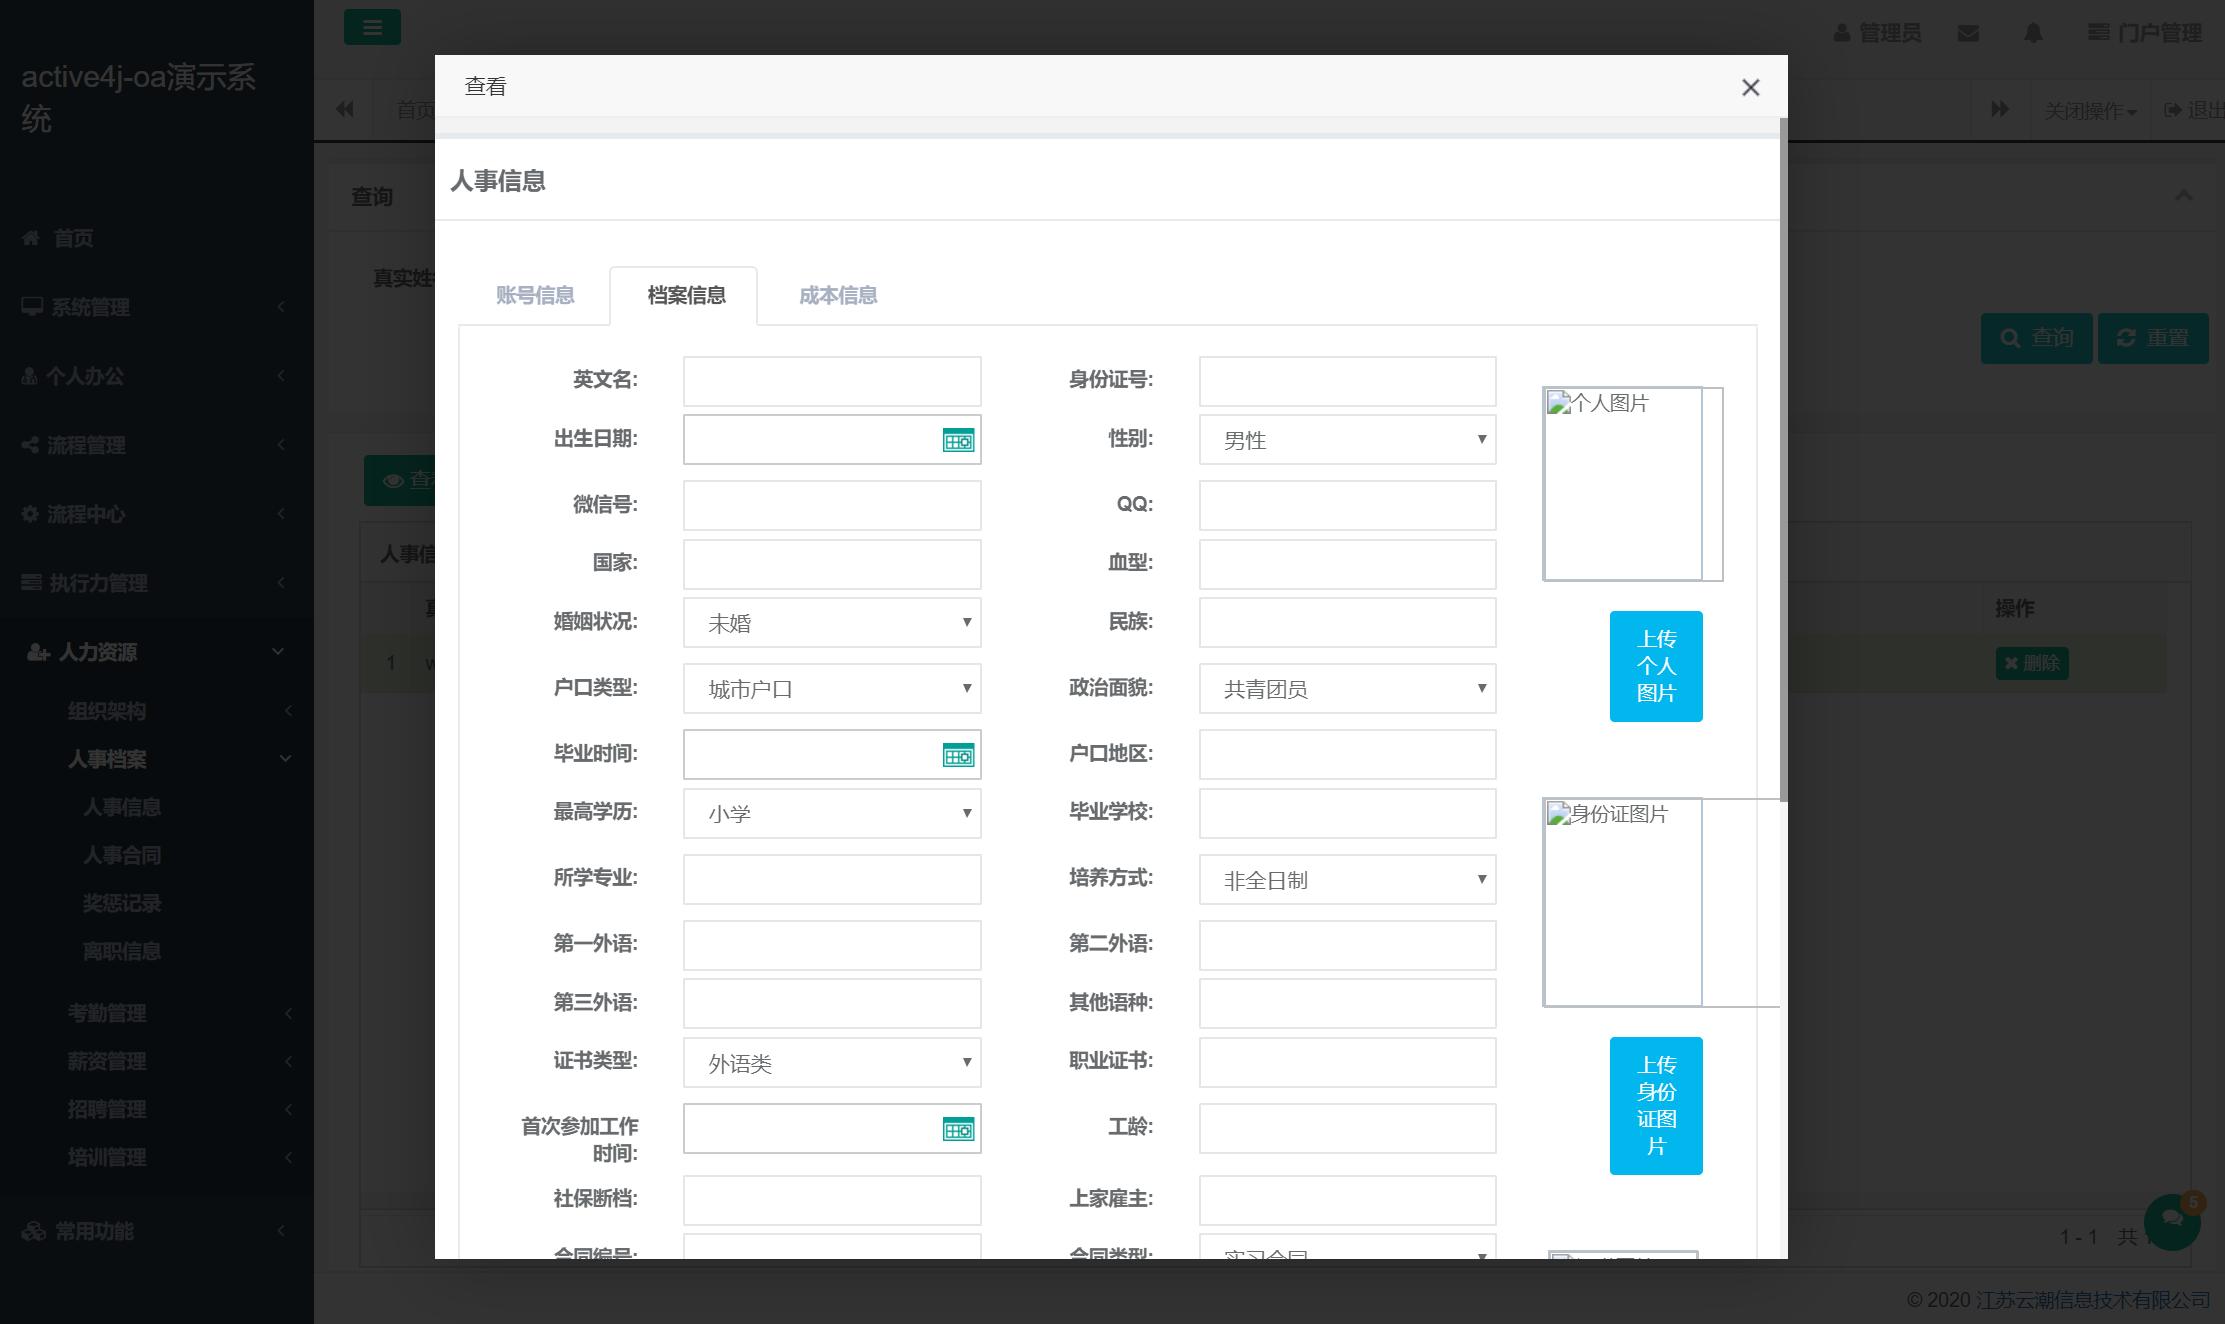 https://zh-active4j-1251505225.cos.ap-shanghai.myqcloud.com/active4joa/oa08.png